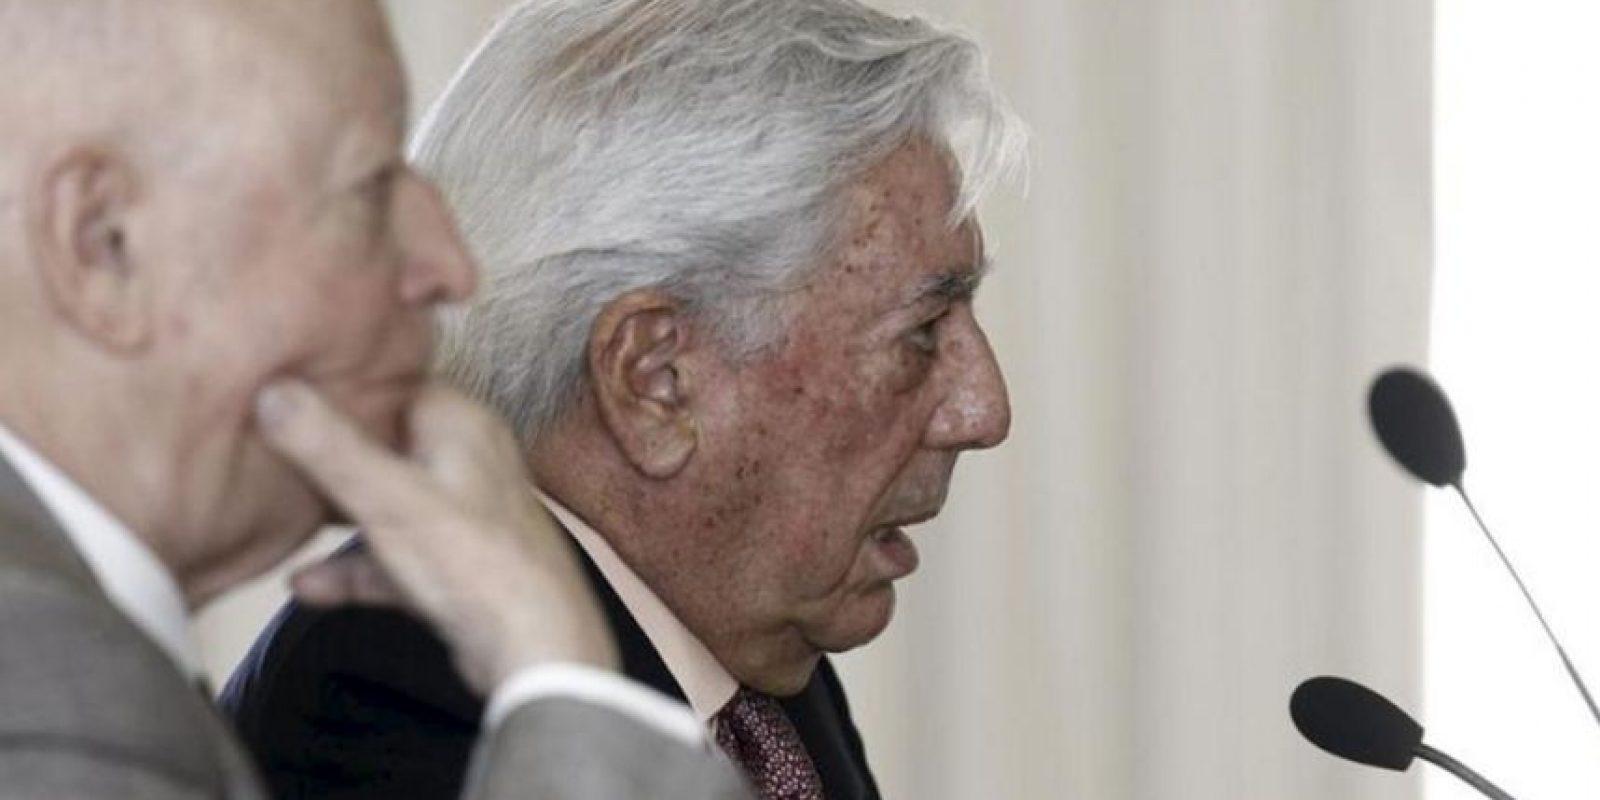 """Los escritores Mario Vargas Llosa (d) y Jorge Edwards durante la conferencia de prensa que hoy ofrecieron en Madrid, en la que presentaron el """"Llamado a la concordia"""", un manifiesto firmado por intelectuales y personalidades de Perú y Chile. EFE"""